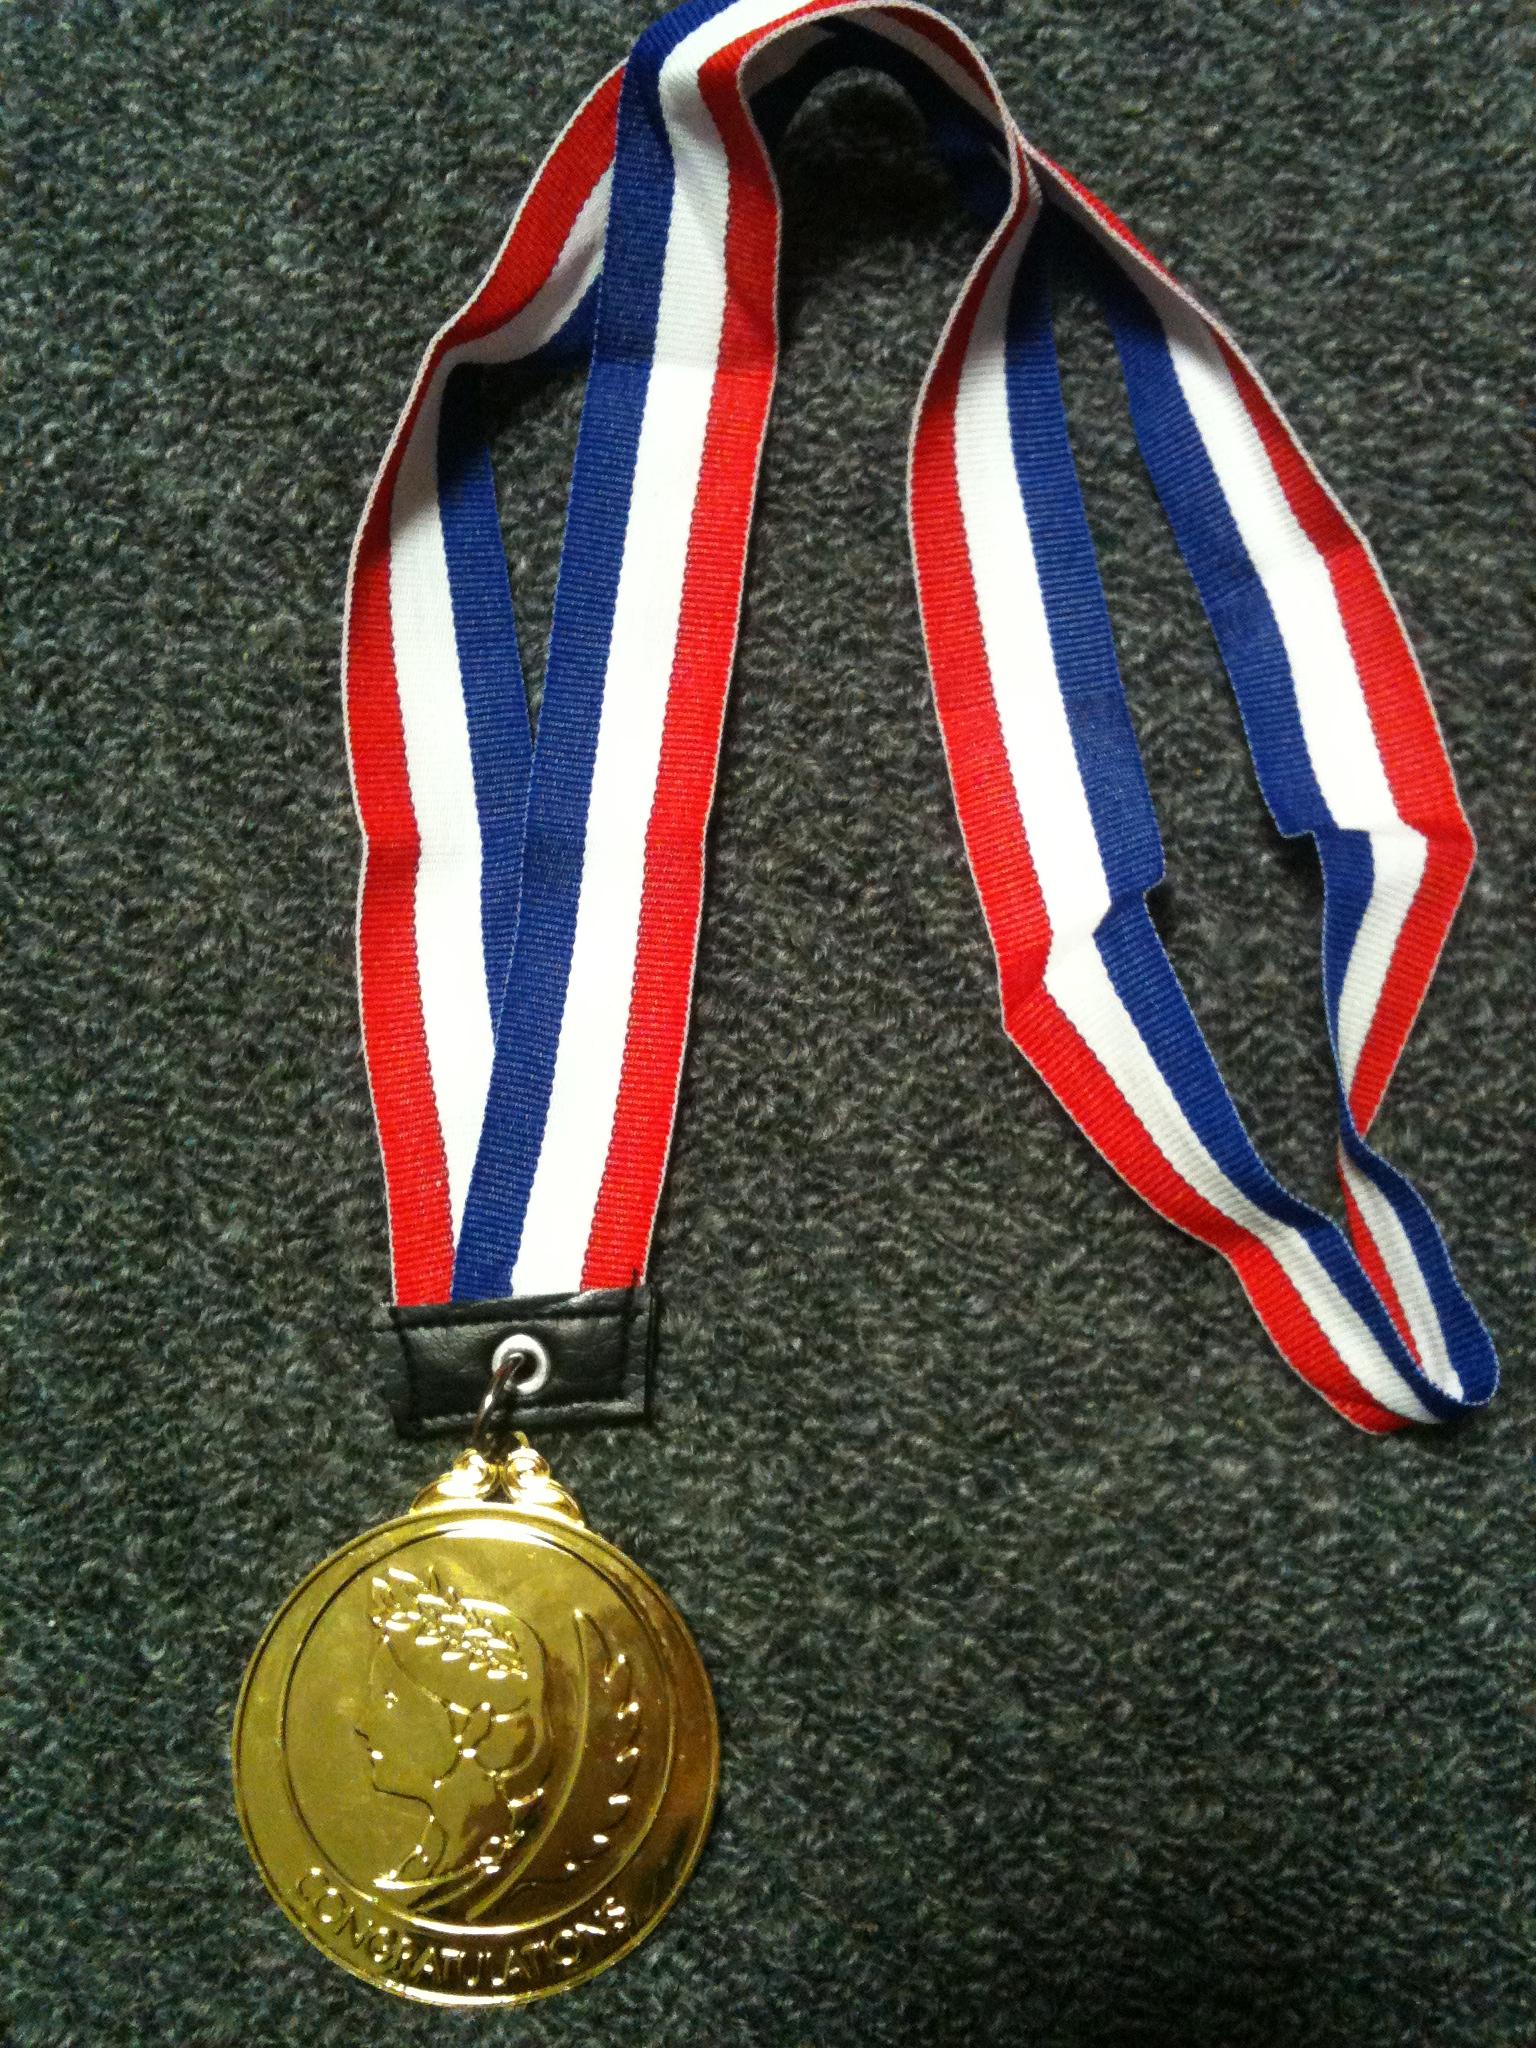 診断士試験合格の金メダル